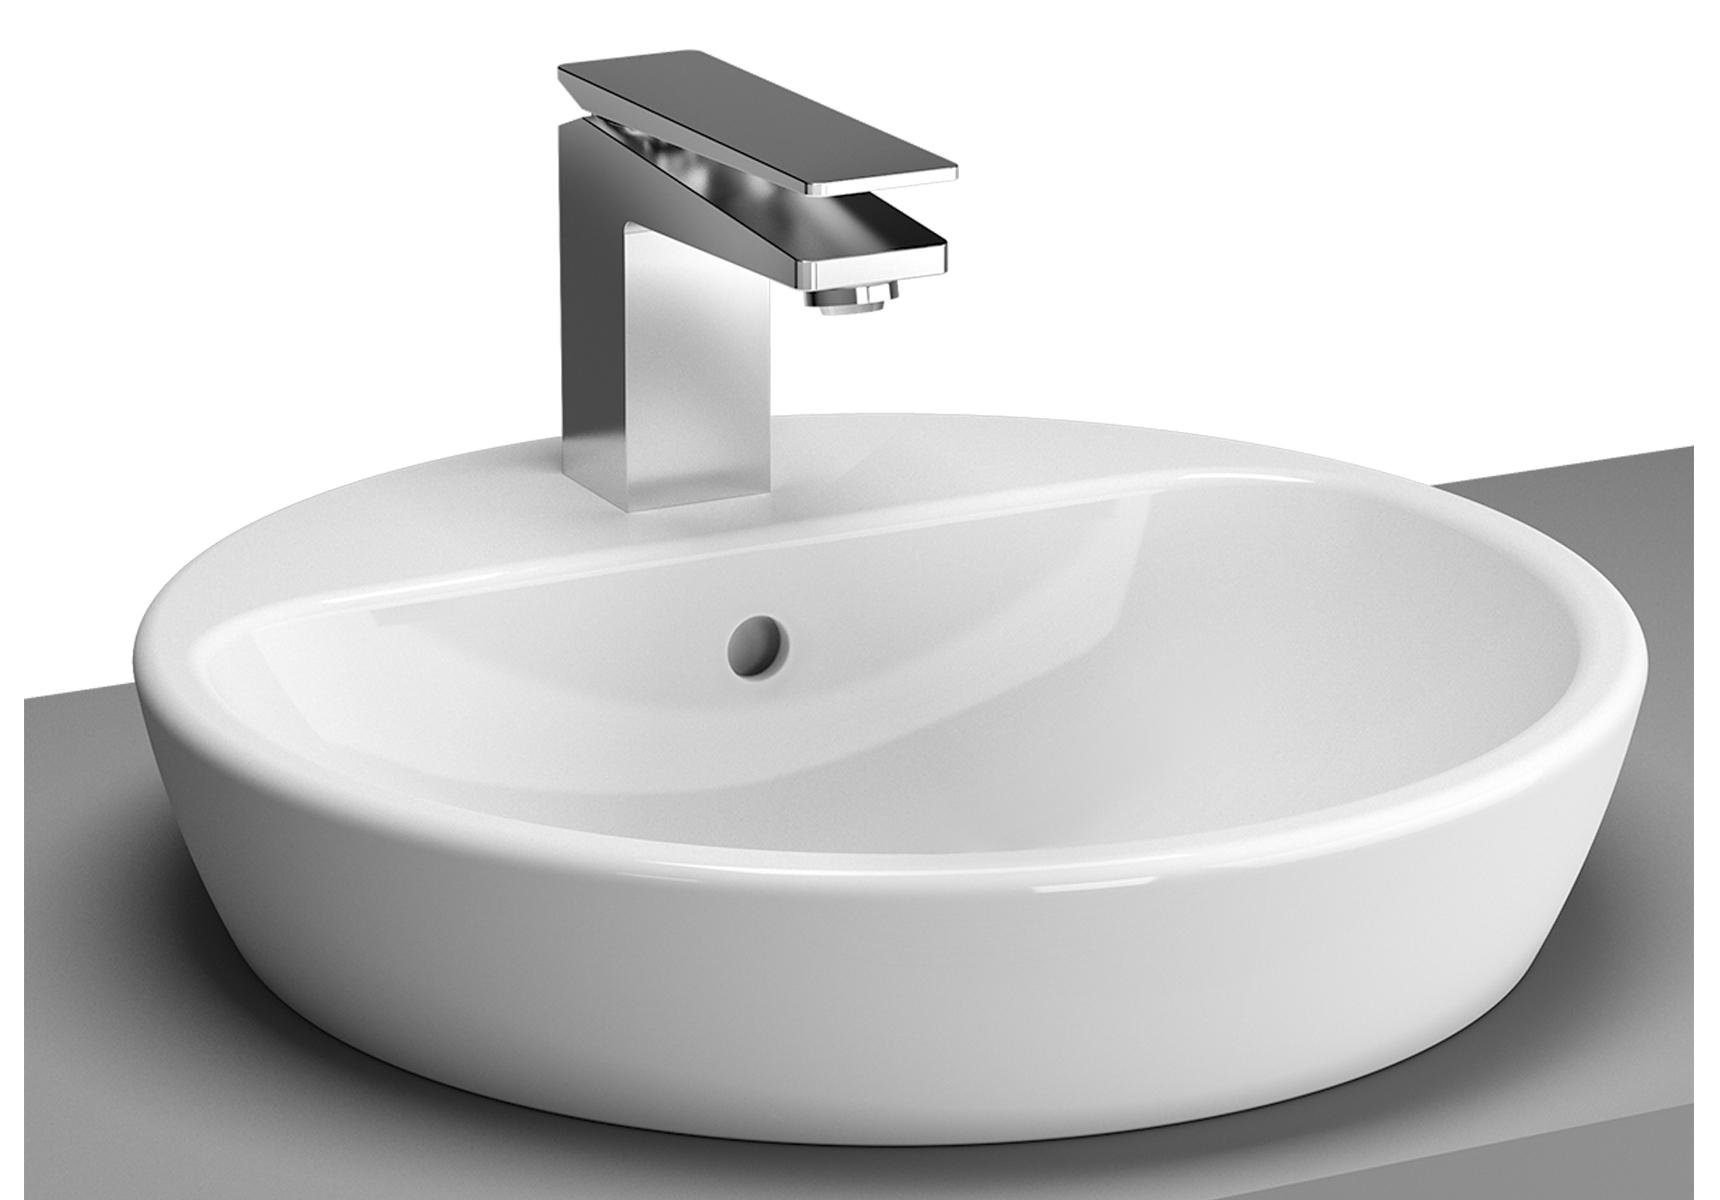 Metropole vasque à poser sur plan de toilette, Ø 44,5 cm, 1 trou de robinet centralettrop-plein